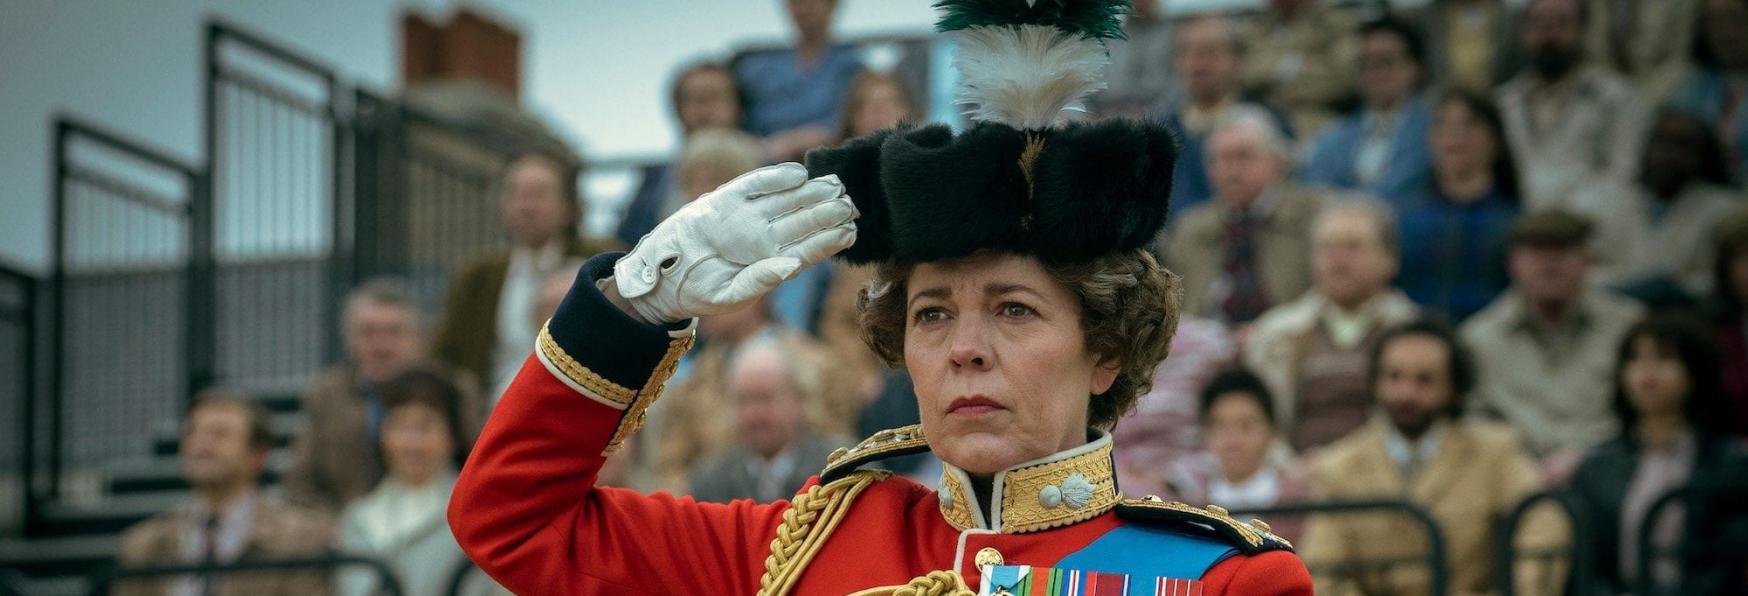 The Crown 5: le Foto con i nuovi Diana e Carlo (Elizabeth Debicki e Dominic West)